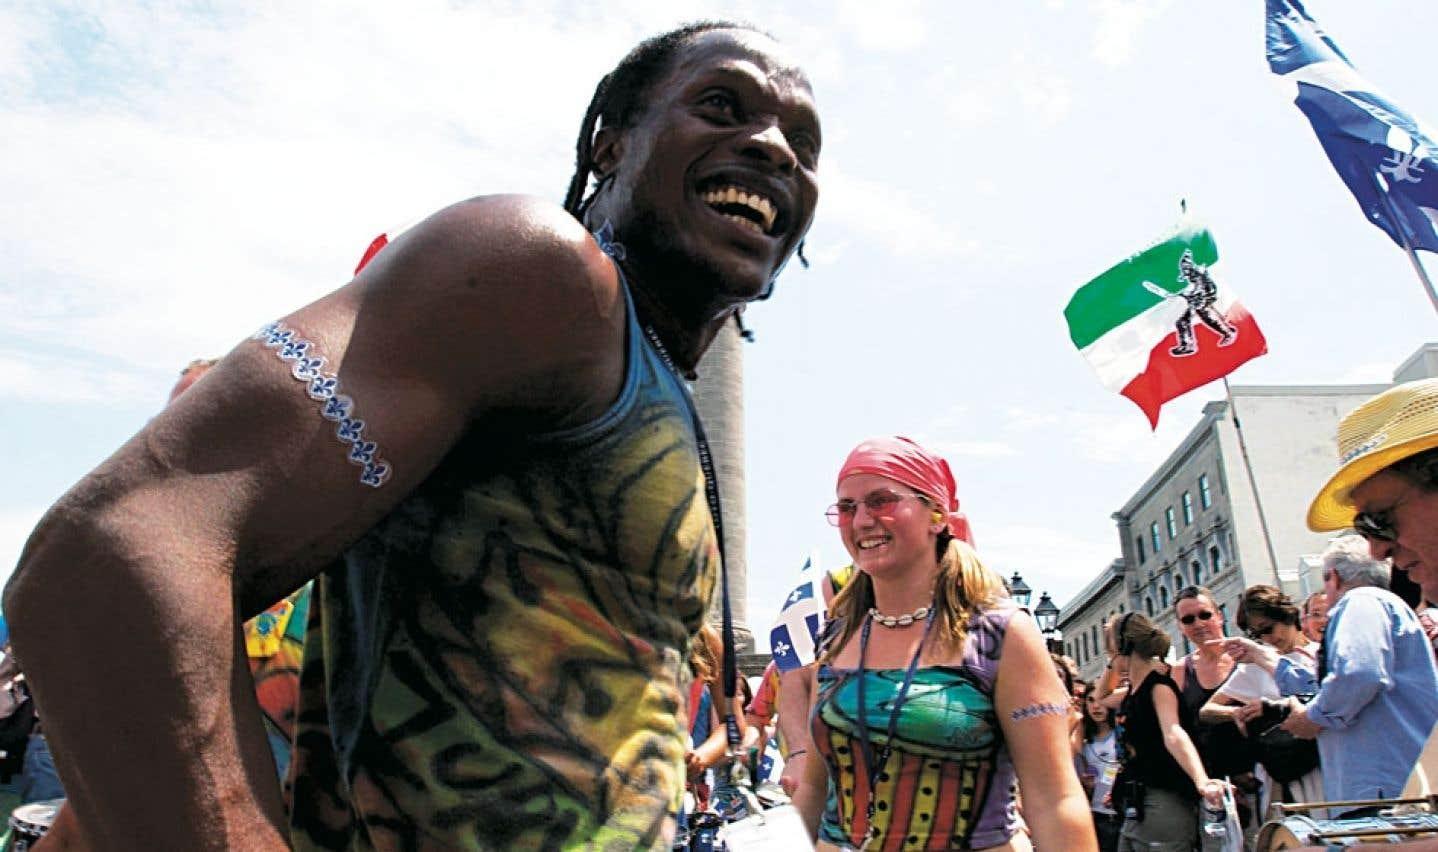 Grille de sélection des immigrants - Les nouveaux arrivants non francophones peuvent être francisés